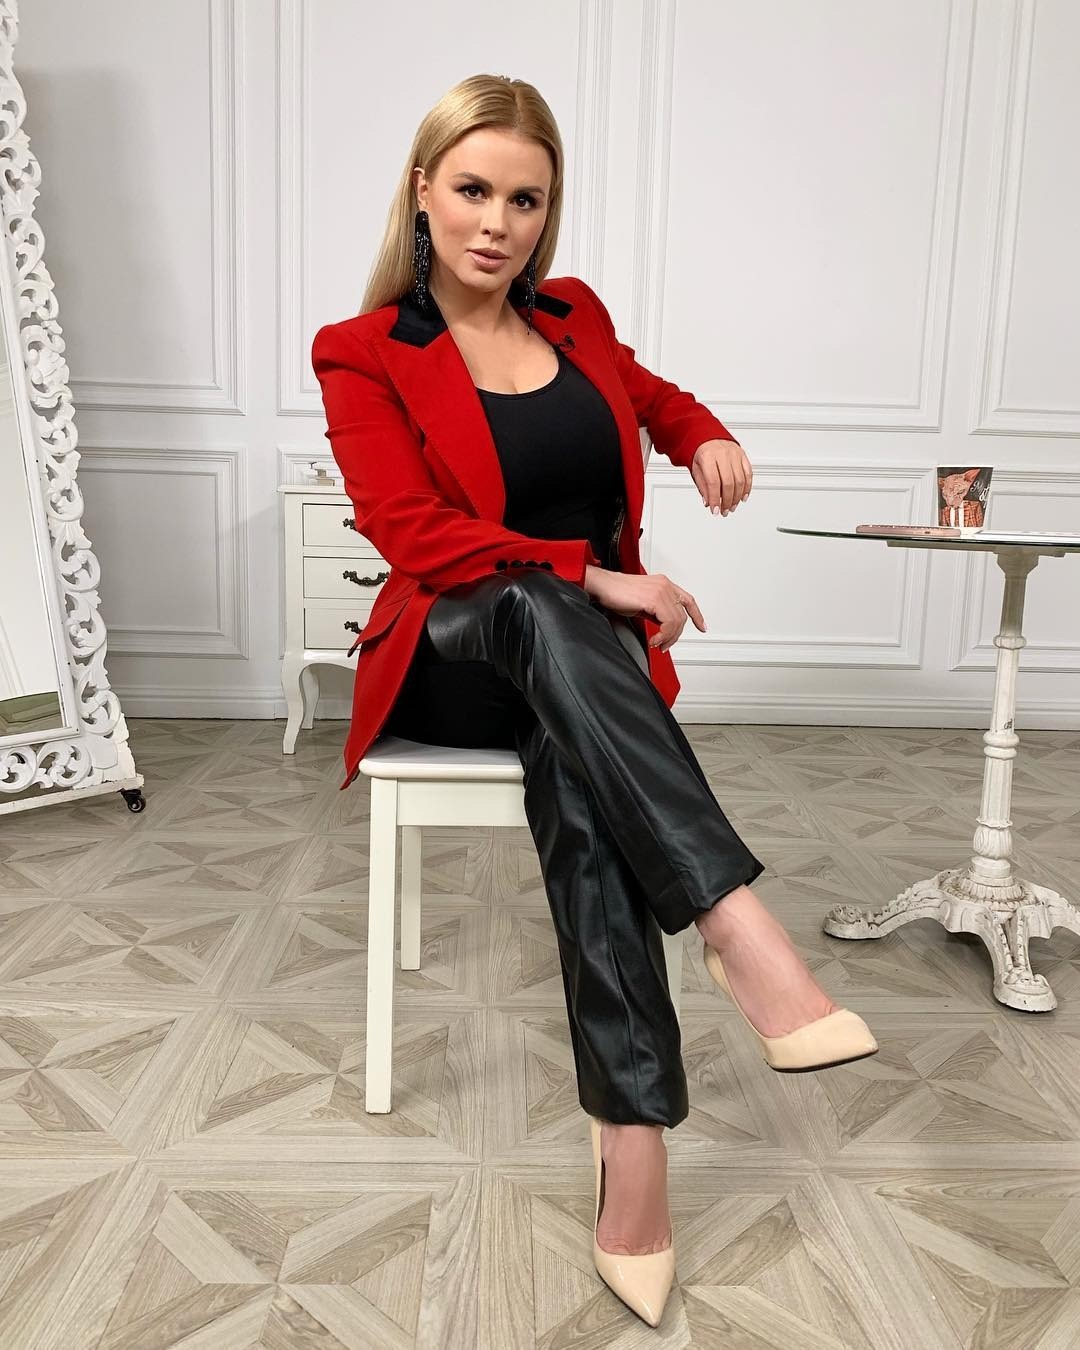 Анна Семенович опубликовала фото с подстриженной челкой